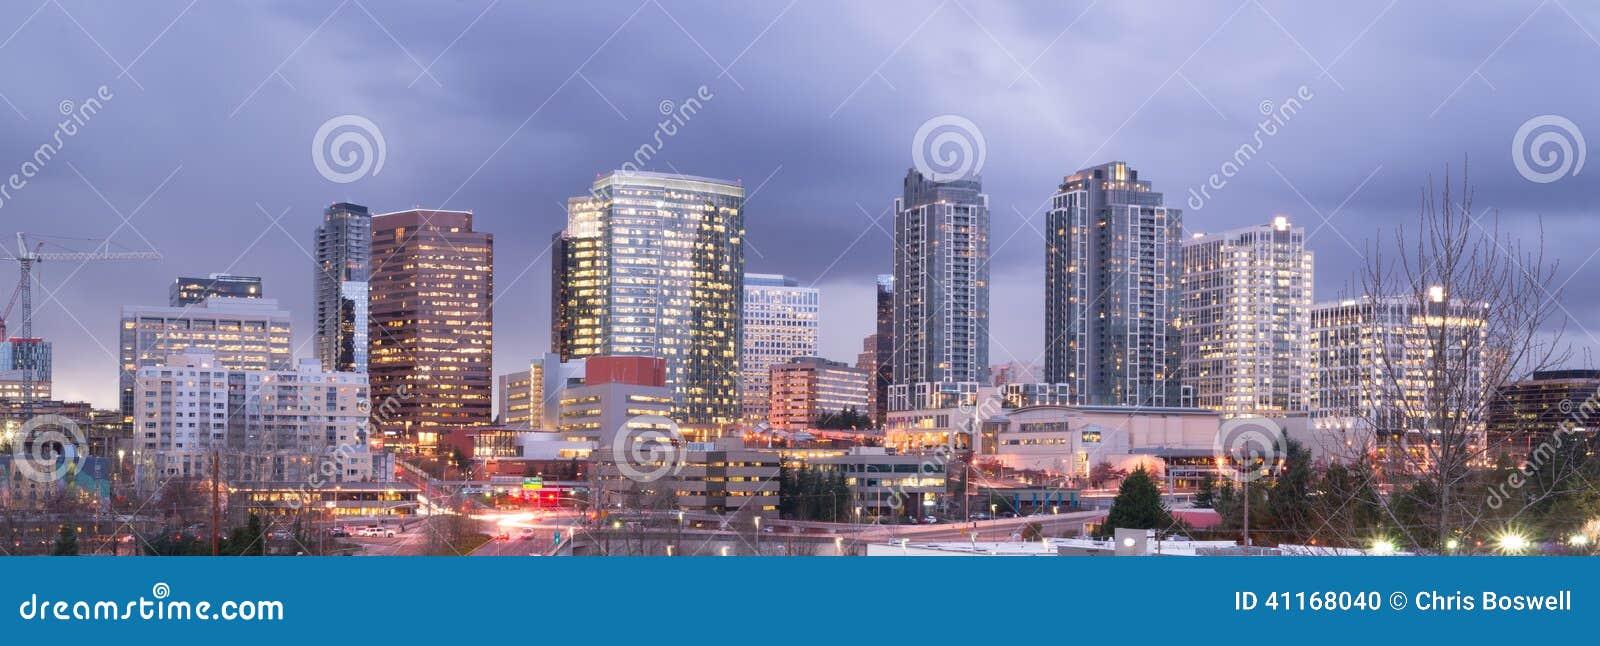 Orizzonte Bellevue del centro Washington U.S.A. della città delle luci intense